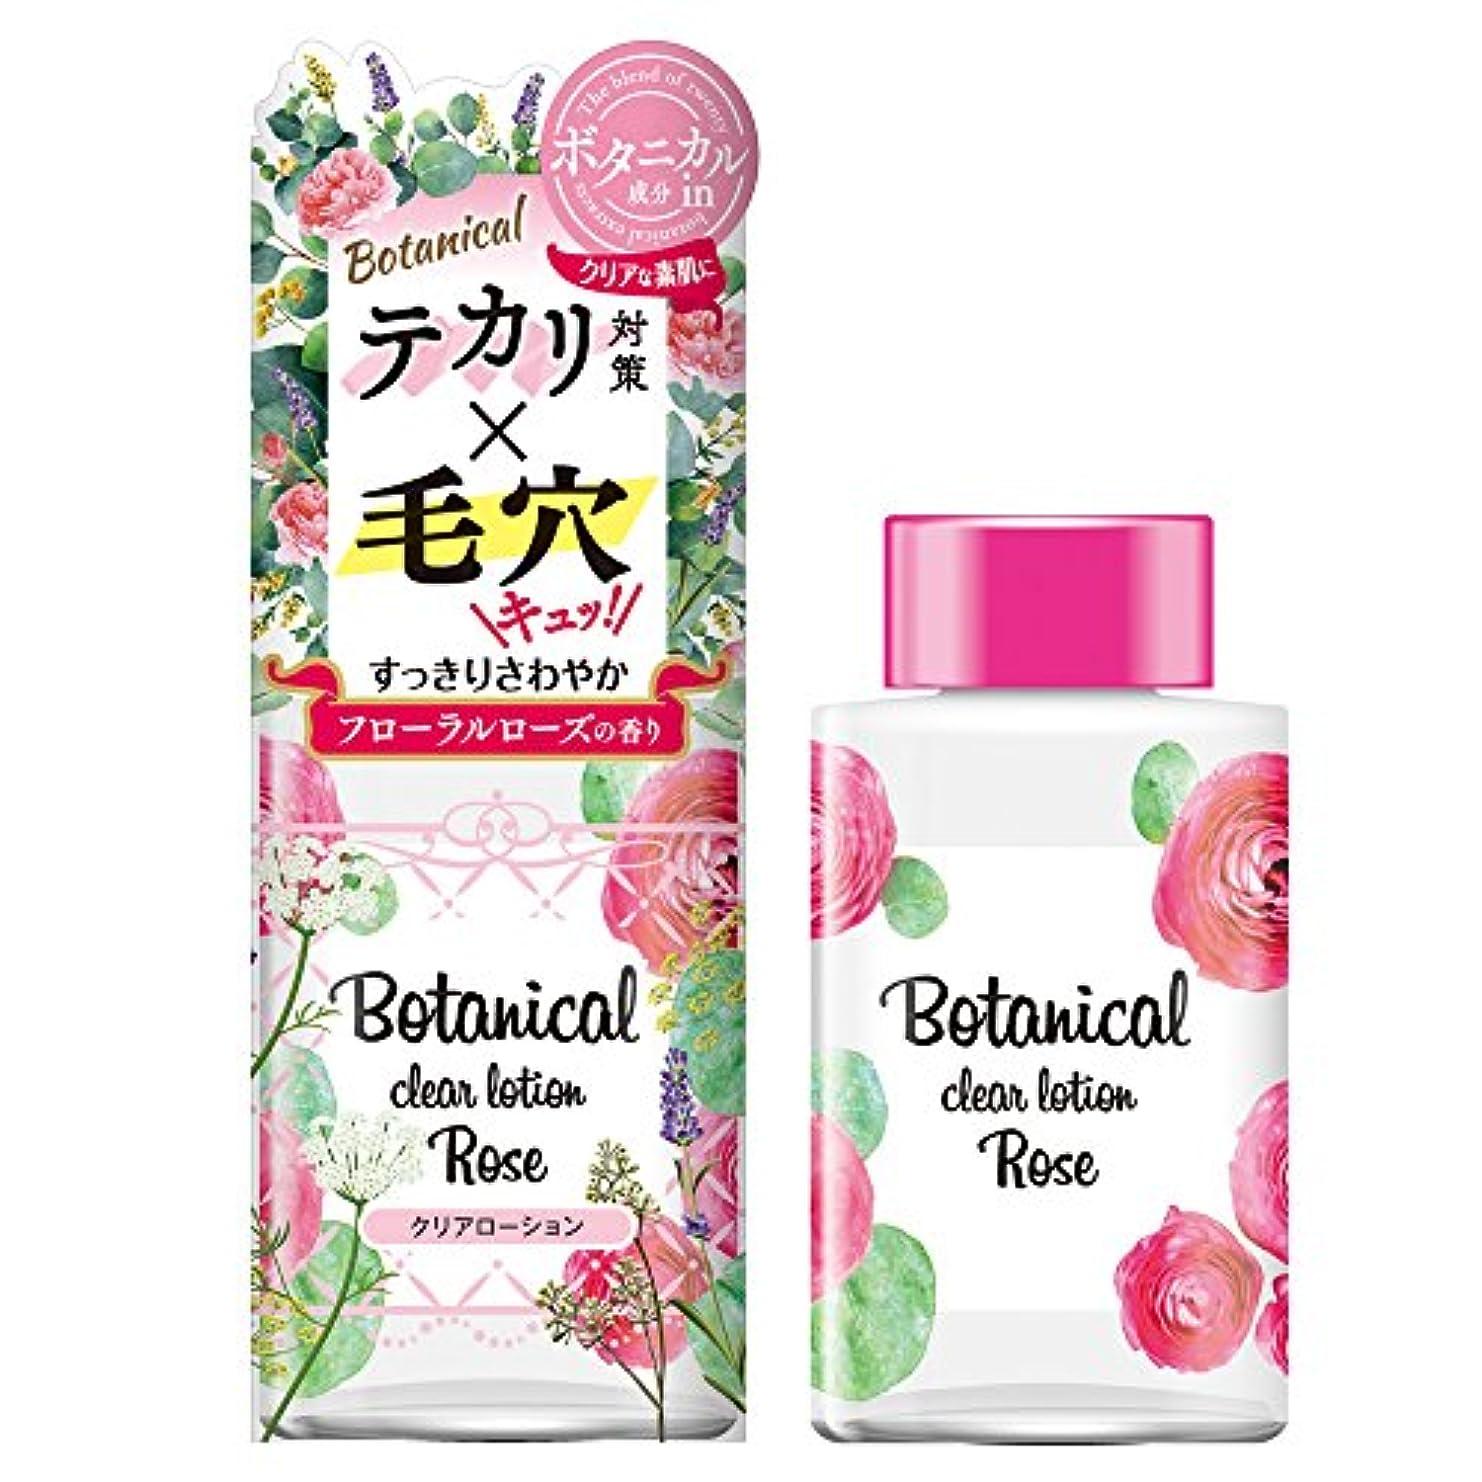 ベーシック解任カエルボタニカル クリアローション フローラルローズの香り